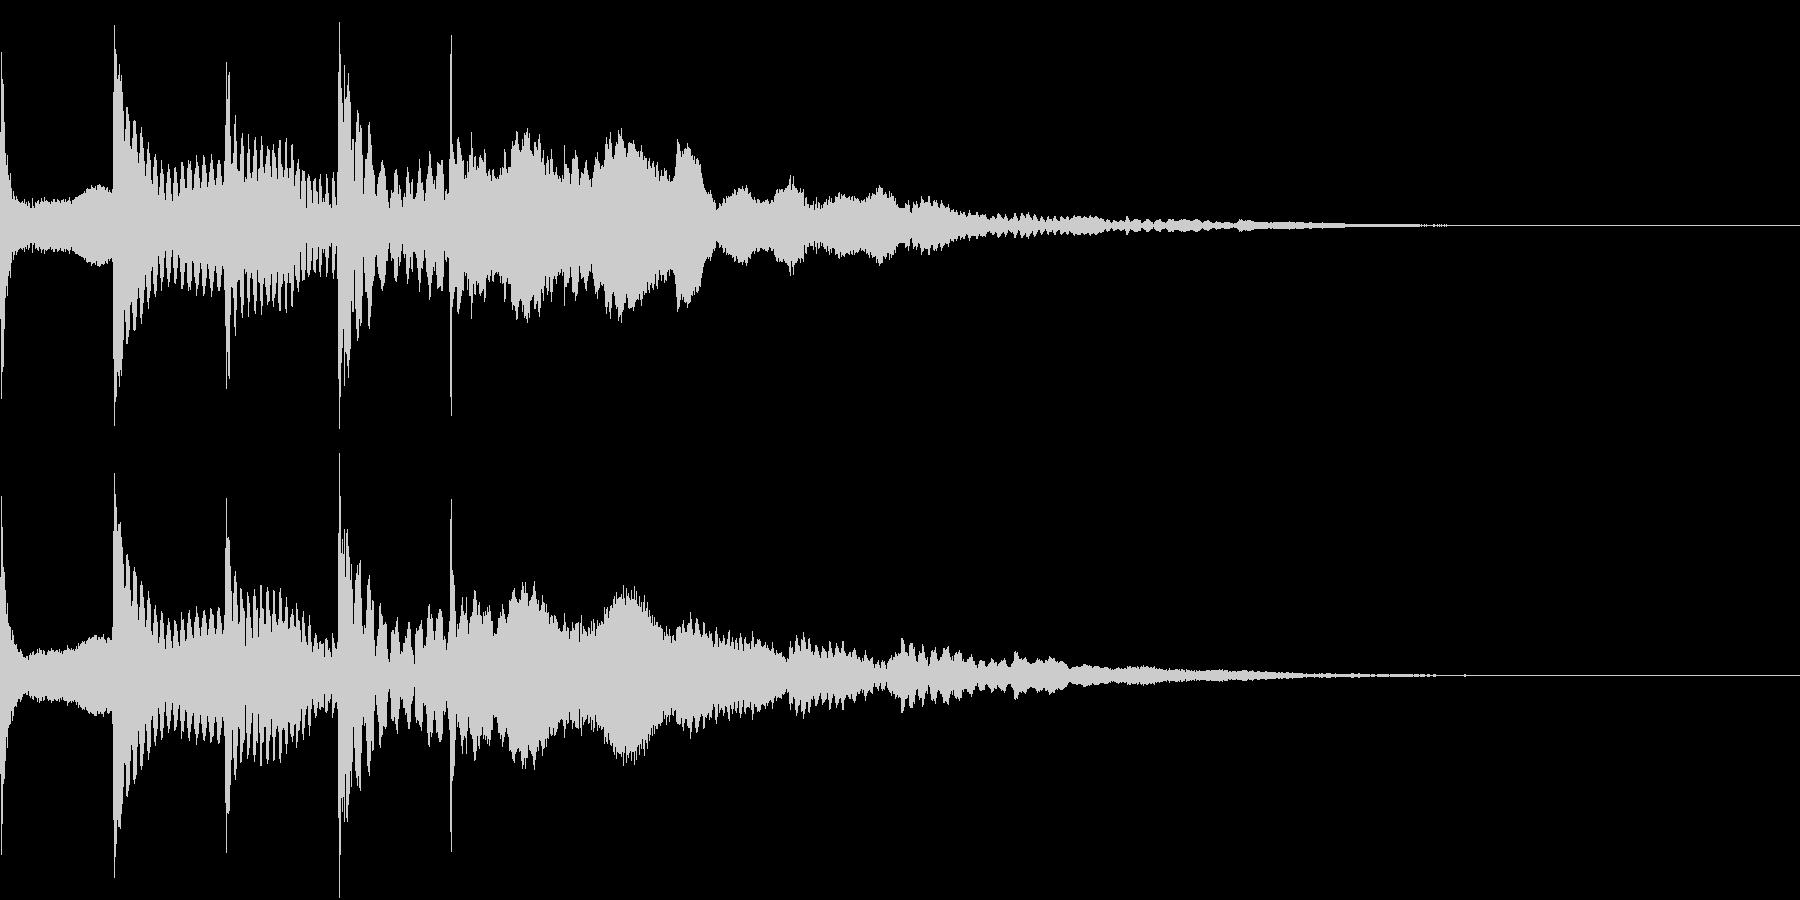 ゆっくり 現れる キラキラ 煌めき 2の未再生の波形